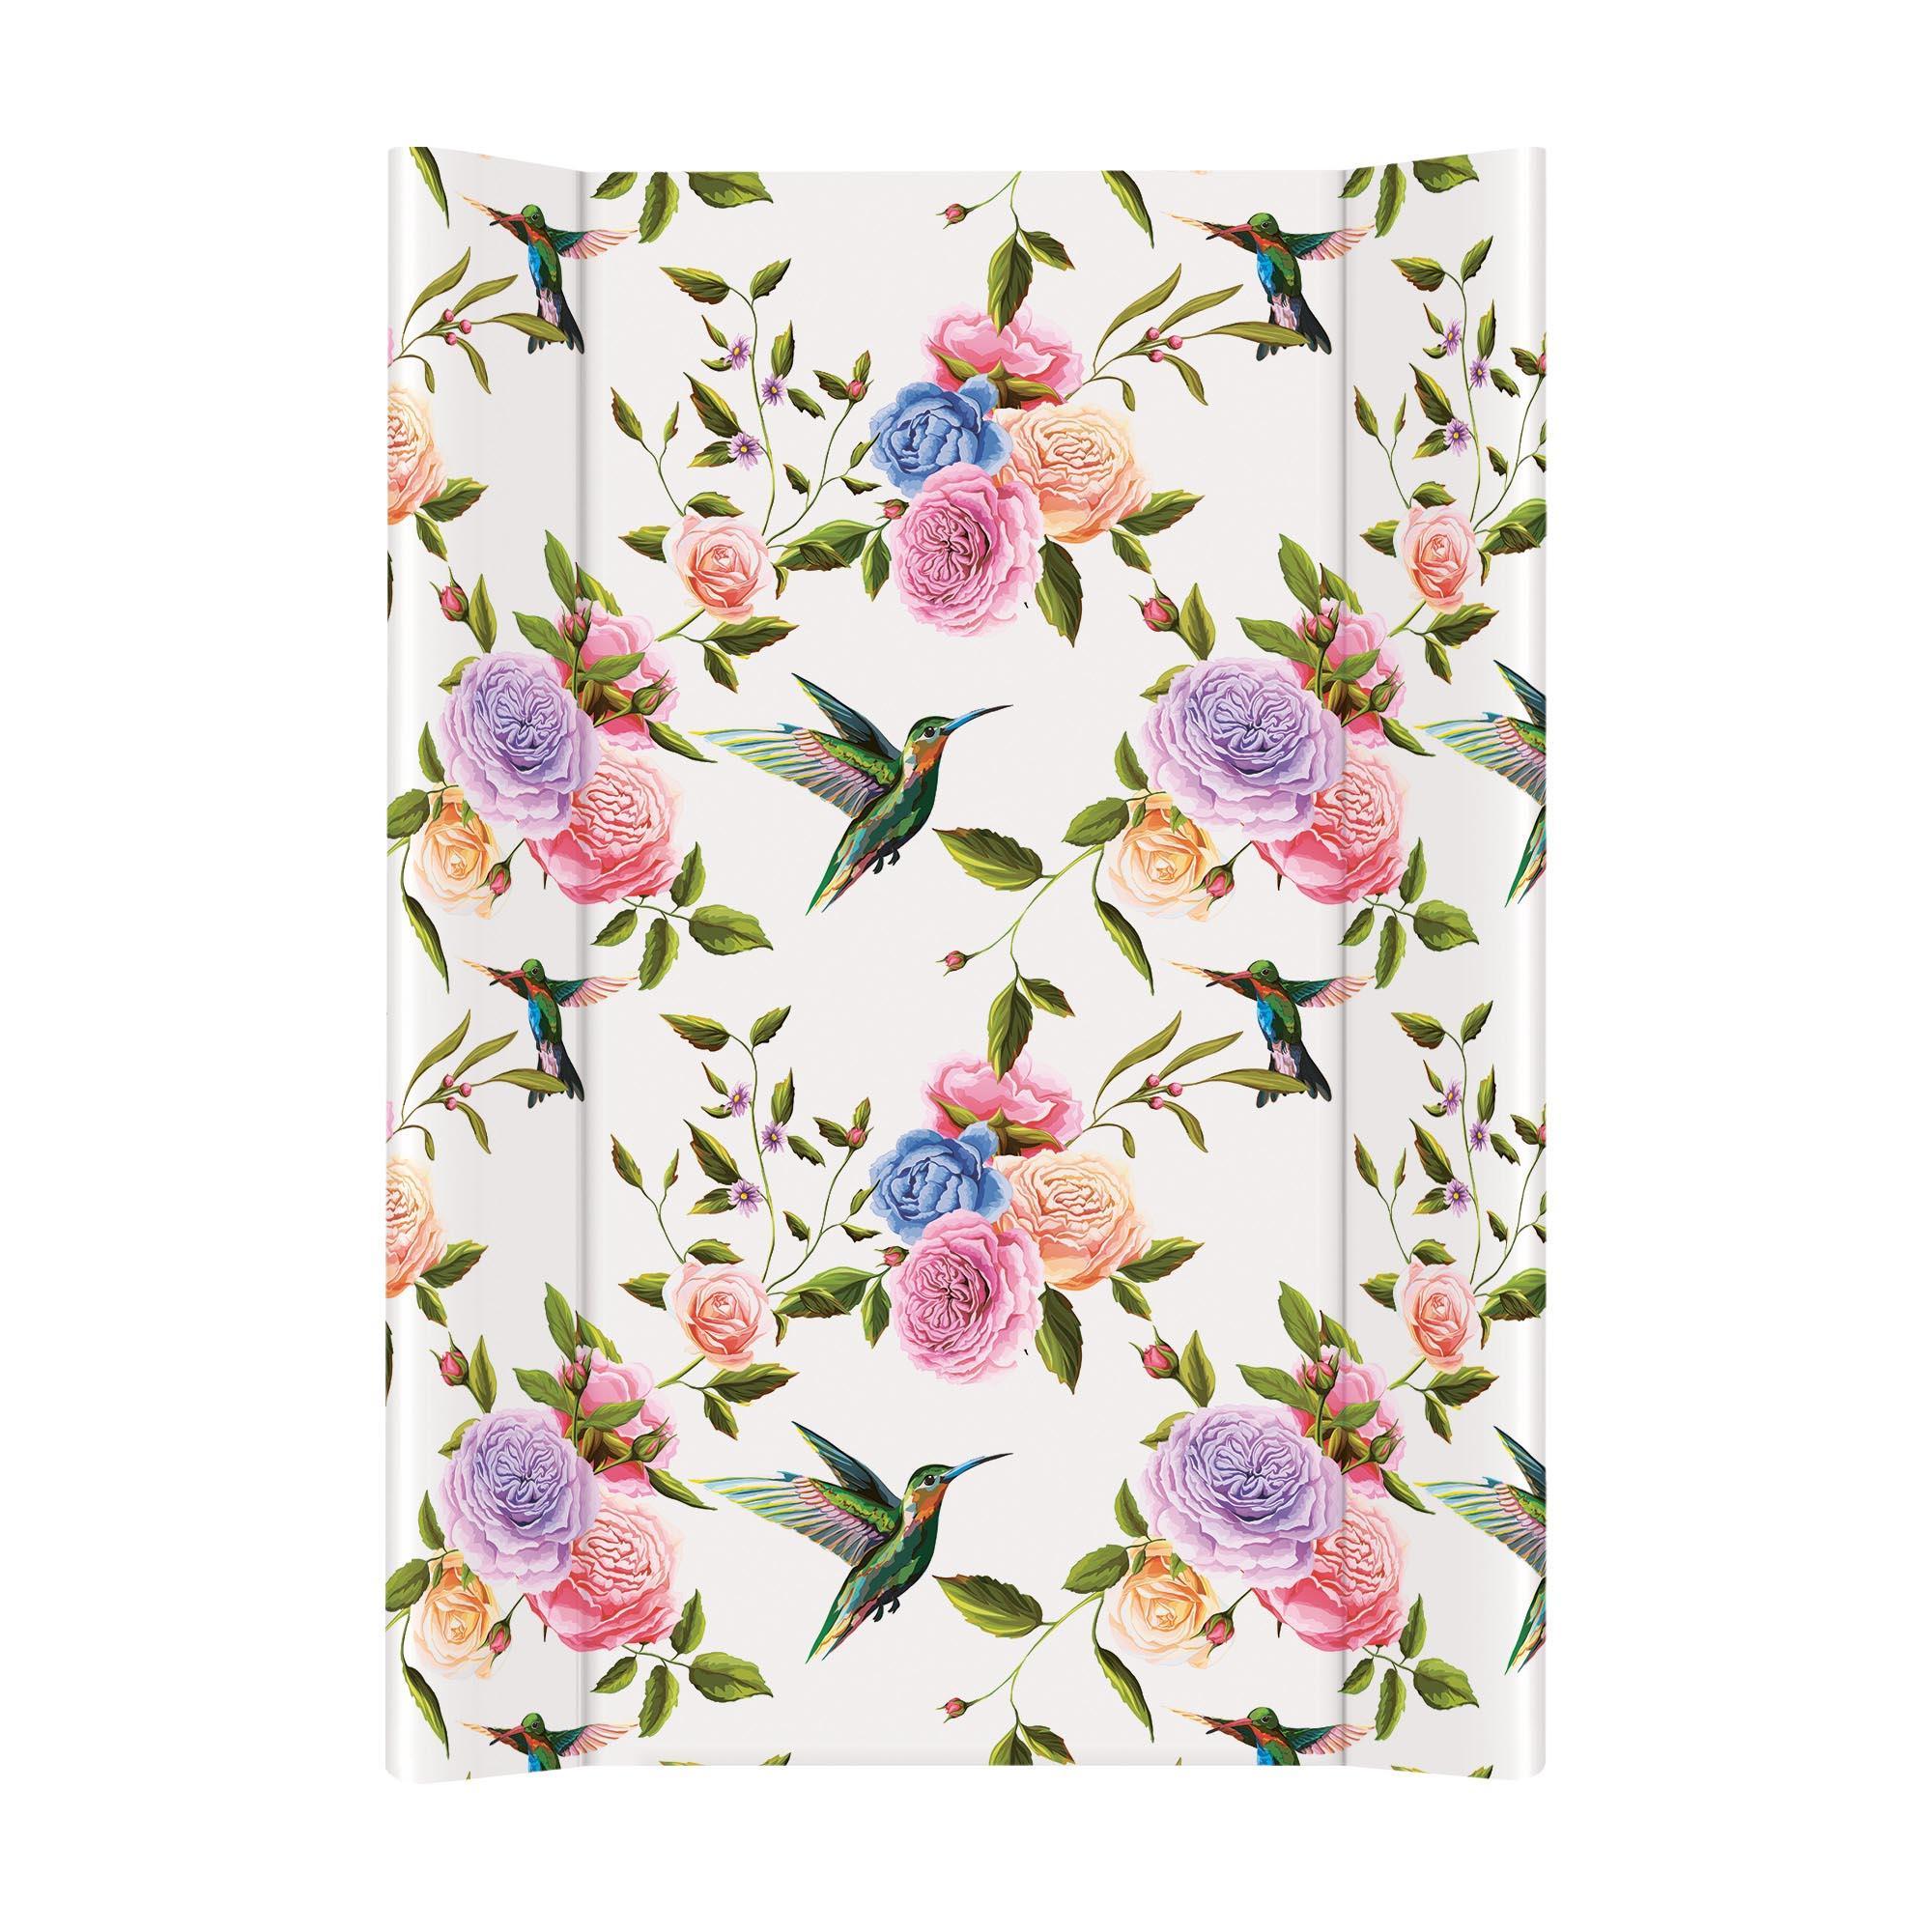 Ceba přebalovací podložka měkká 2 hranná 70 cm Flora&Fauna Flores W-102-099-546